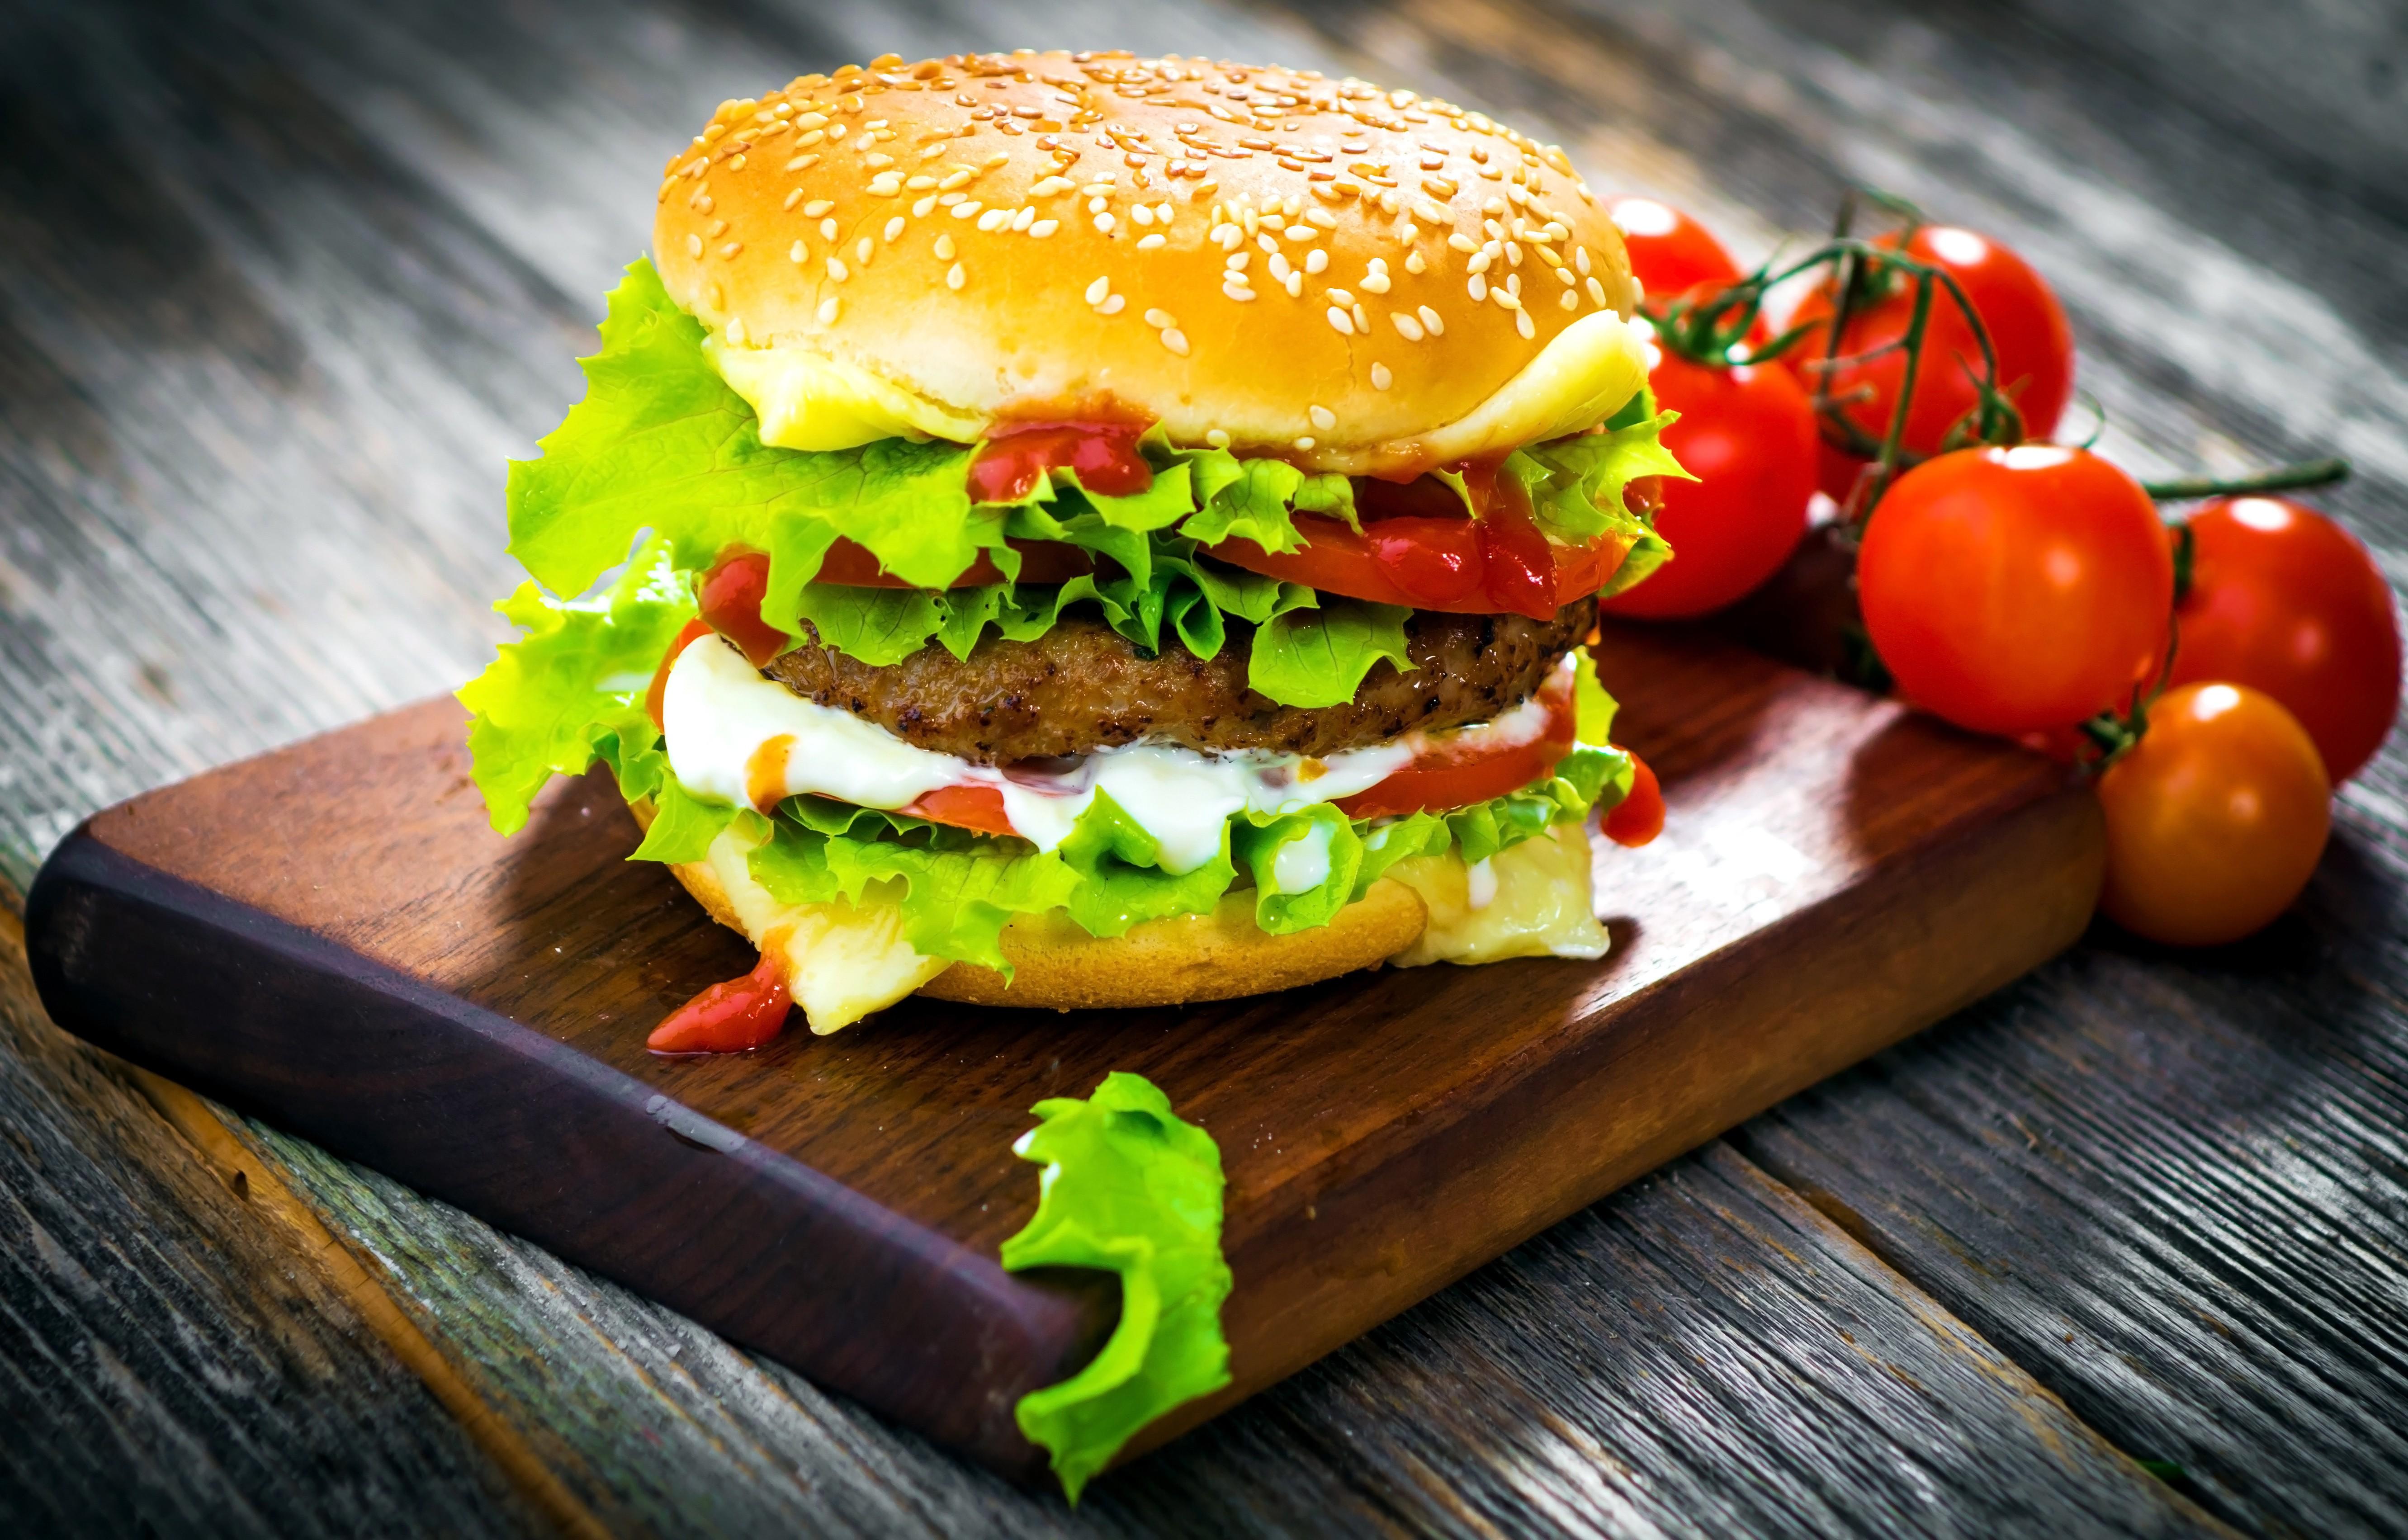 Wallpaper Hamburger Tomato Salad Bun Burger Cheese